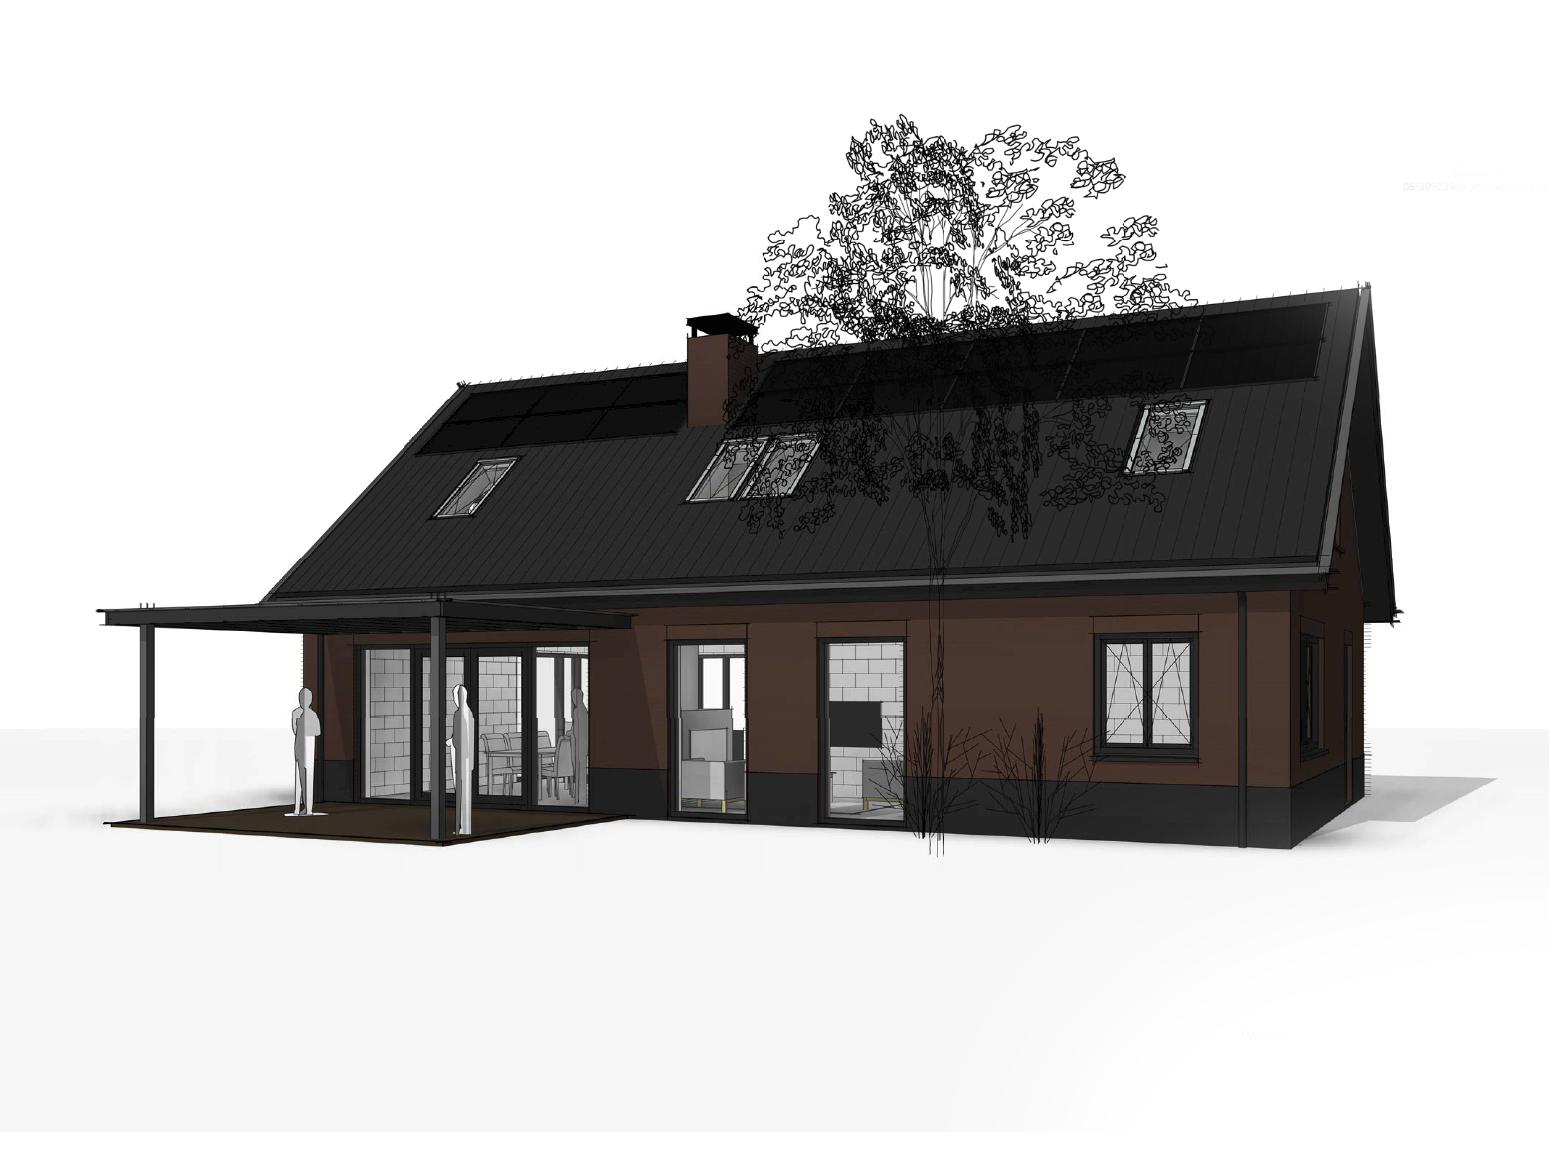 schuurwoning-donker-met-dakpannen-en-dakkapel-twello-van-oord-architectuur-en-design-wenum-wiesel-architect-voorst-architect-apeldoorn-1